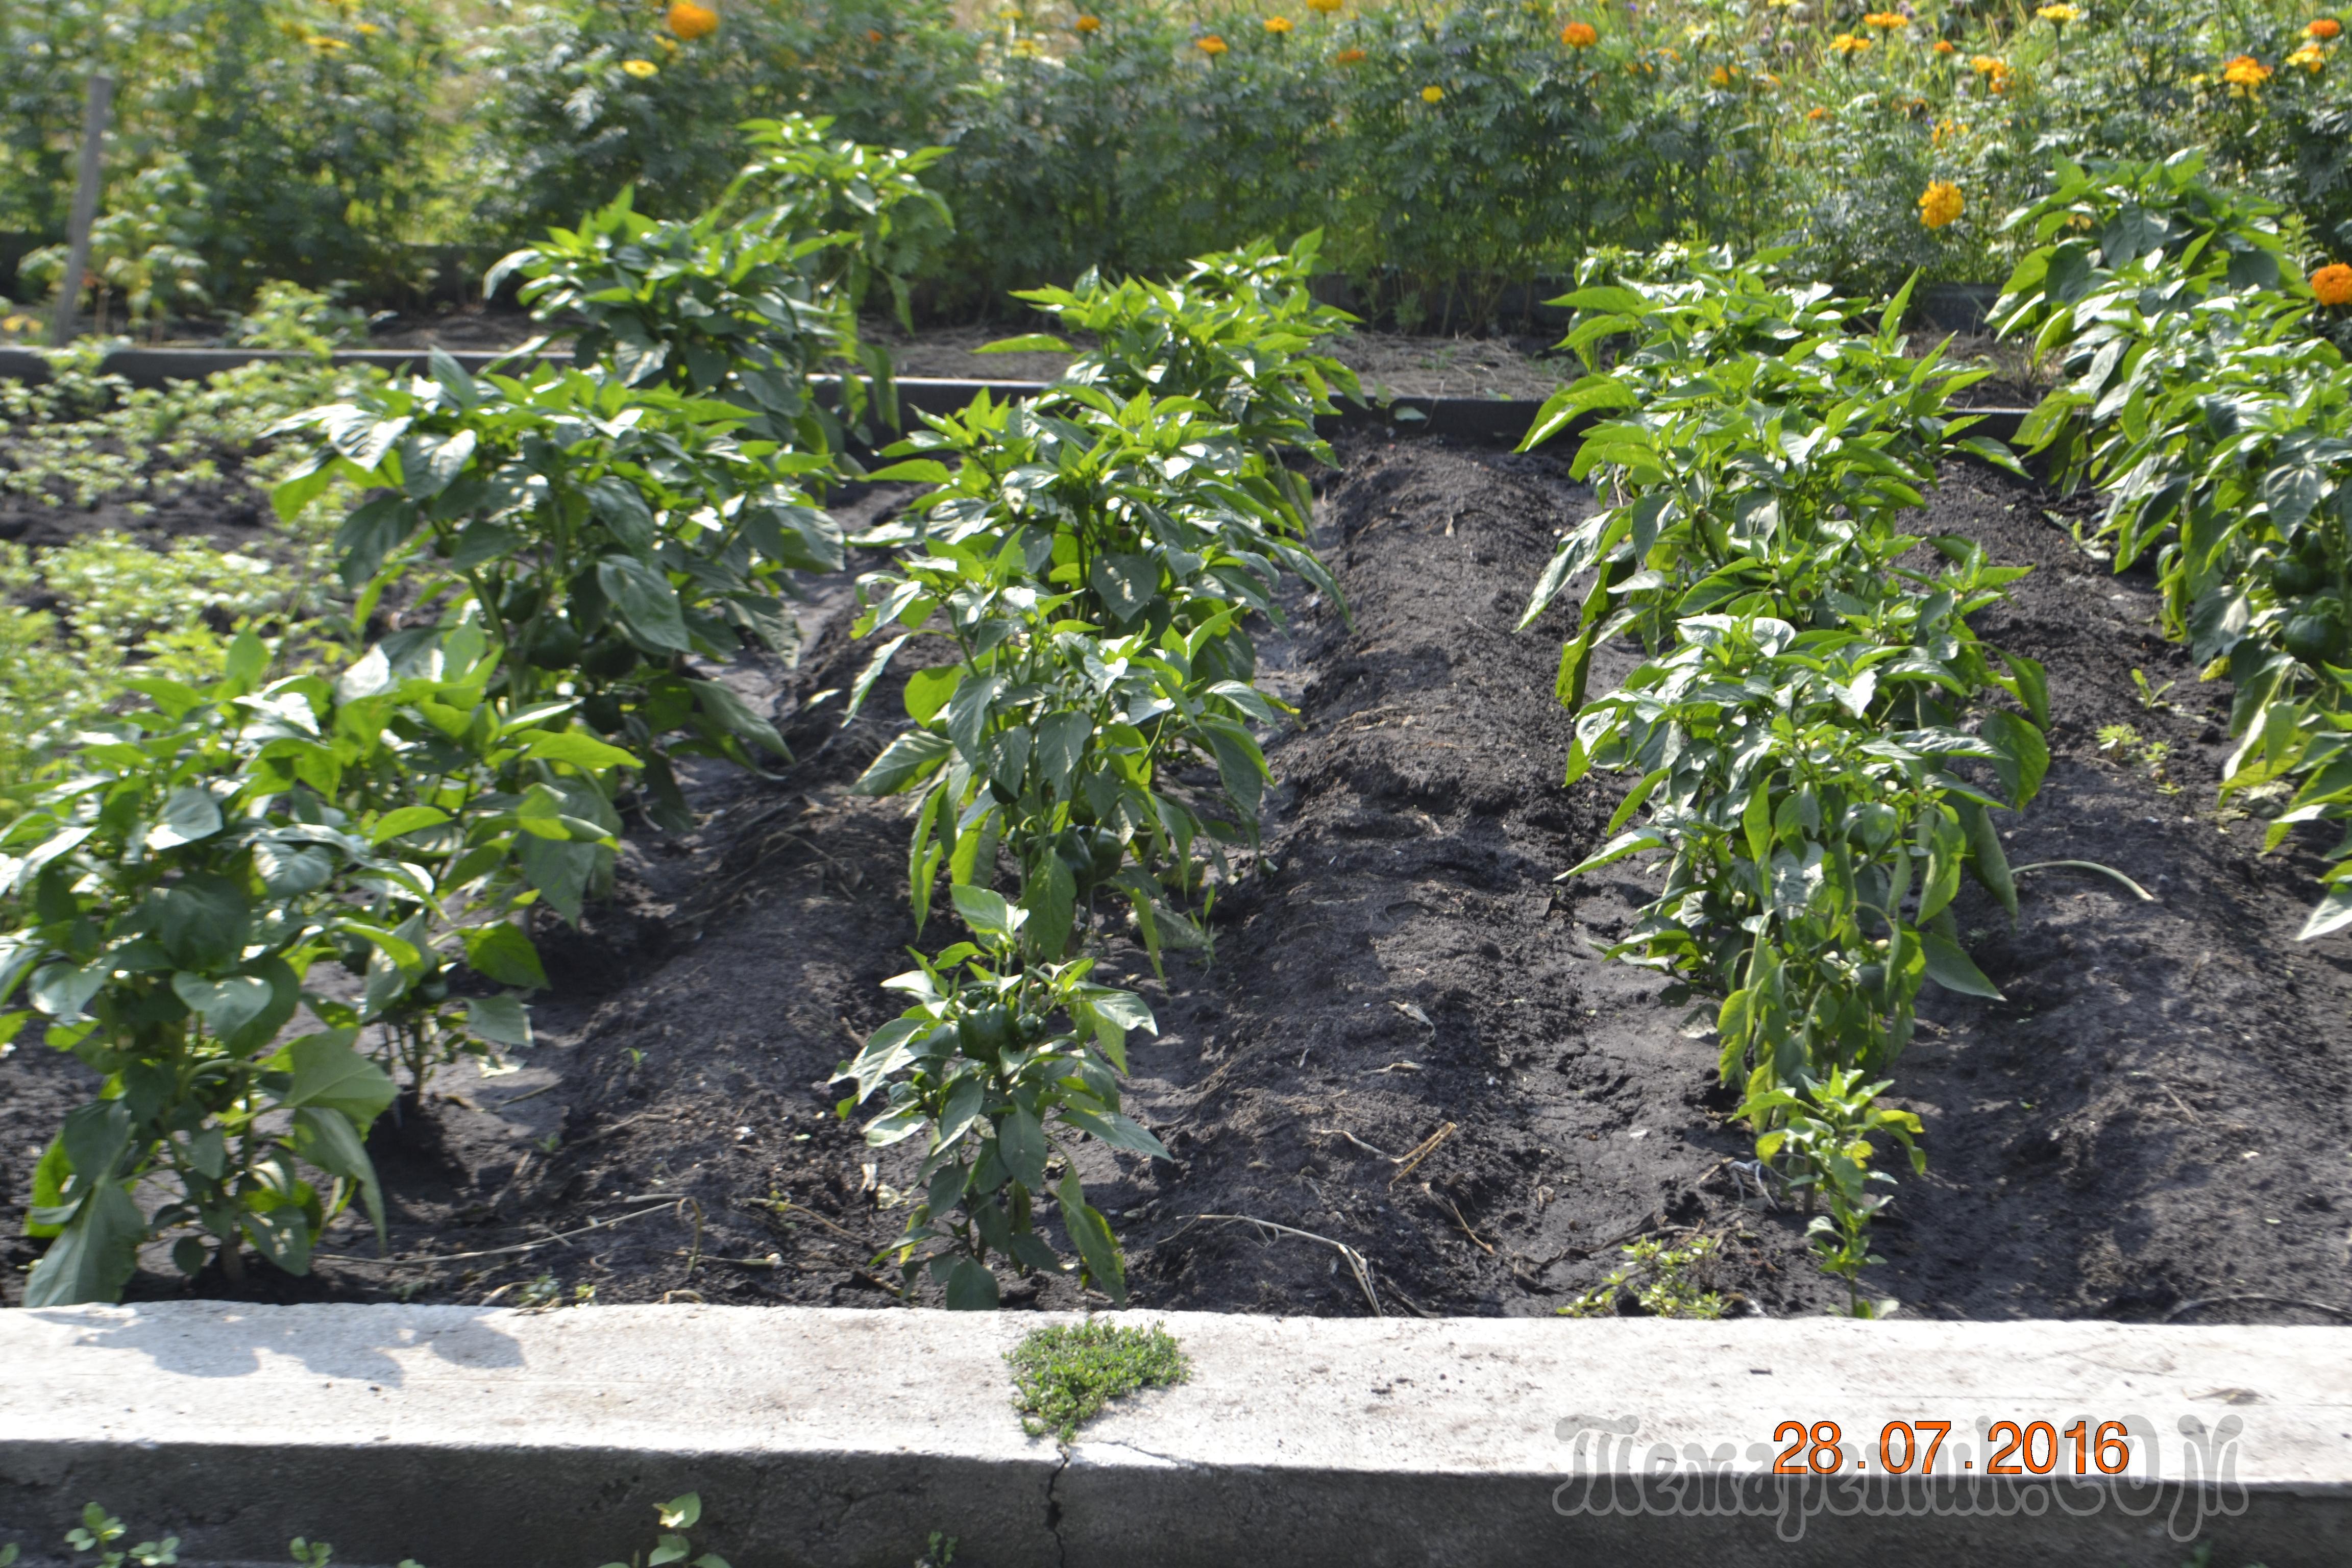 приезжают, фото грядок помидоров перцев именно для этой